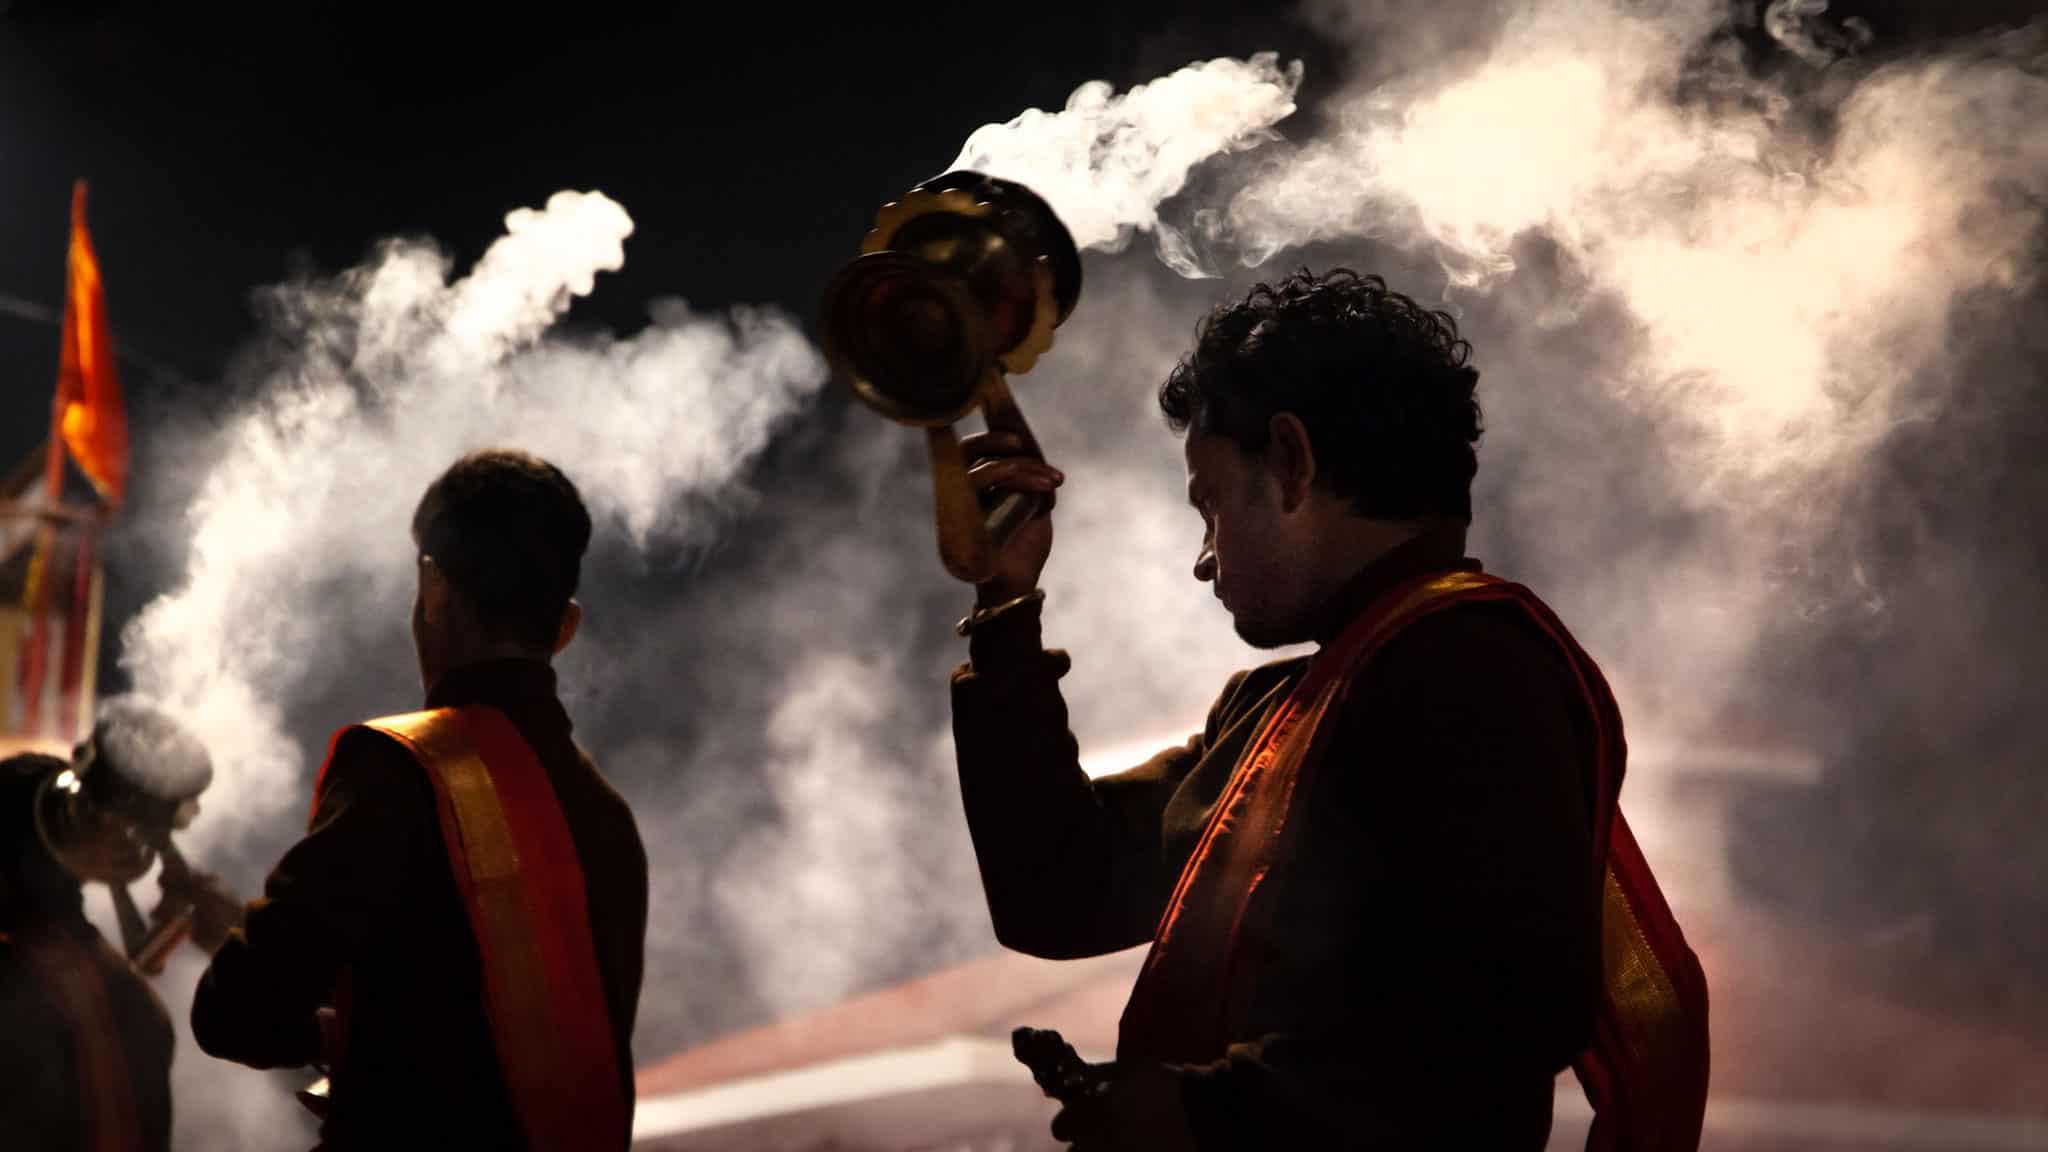 Subah e Banaras morning ceremony